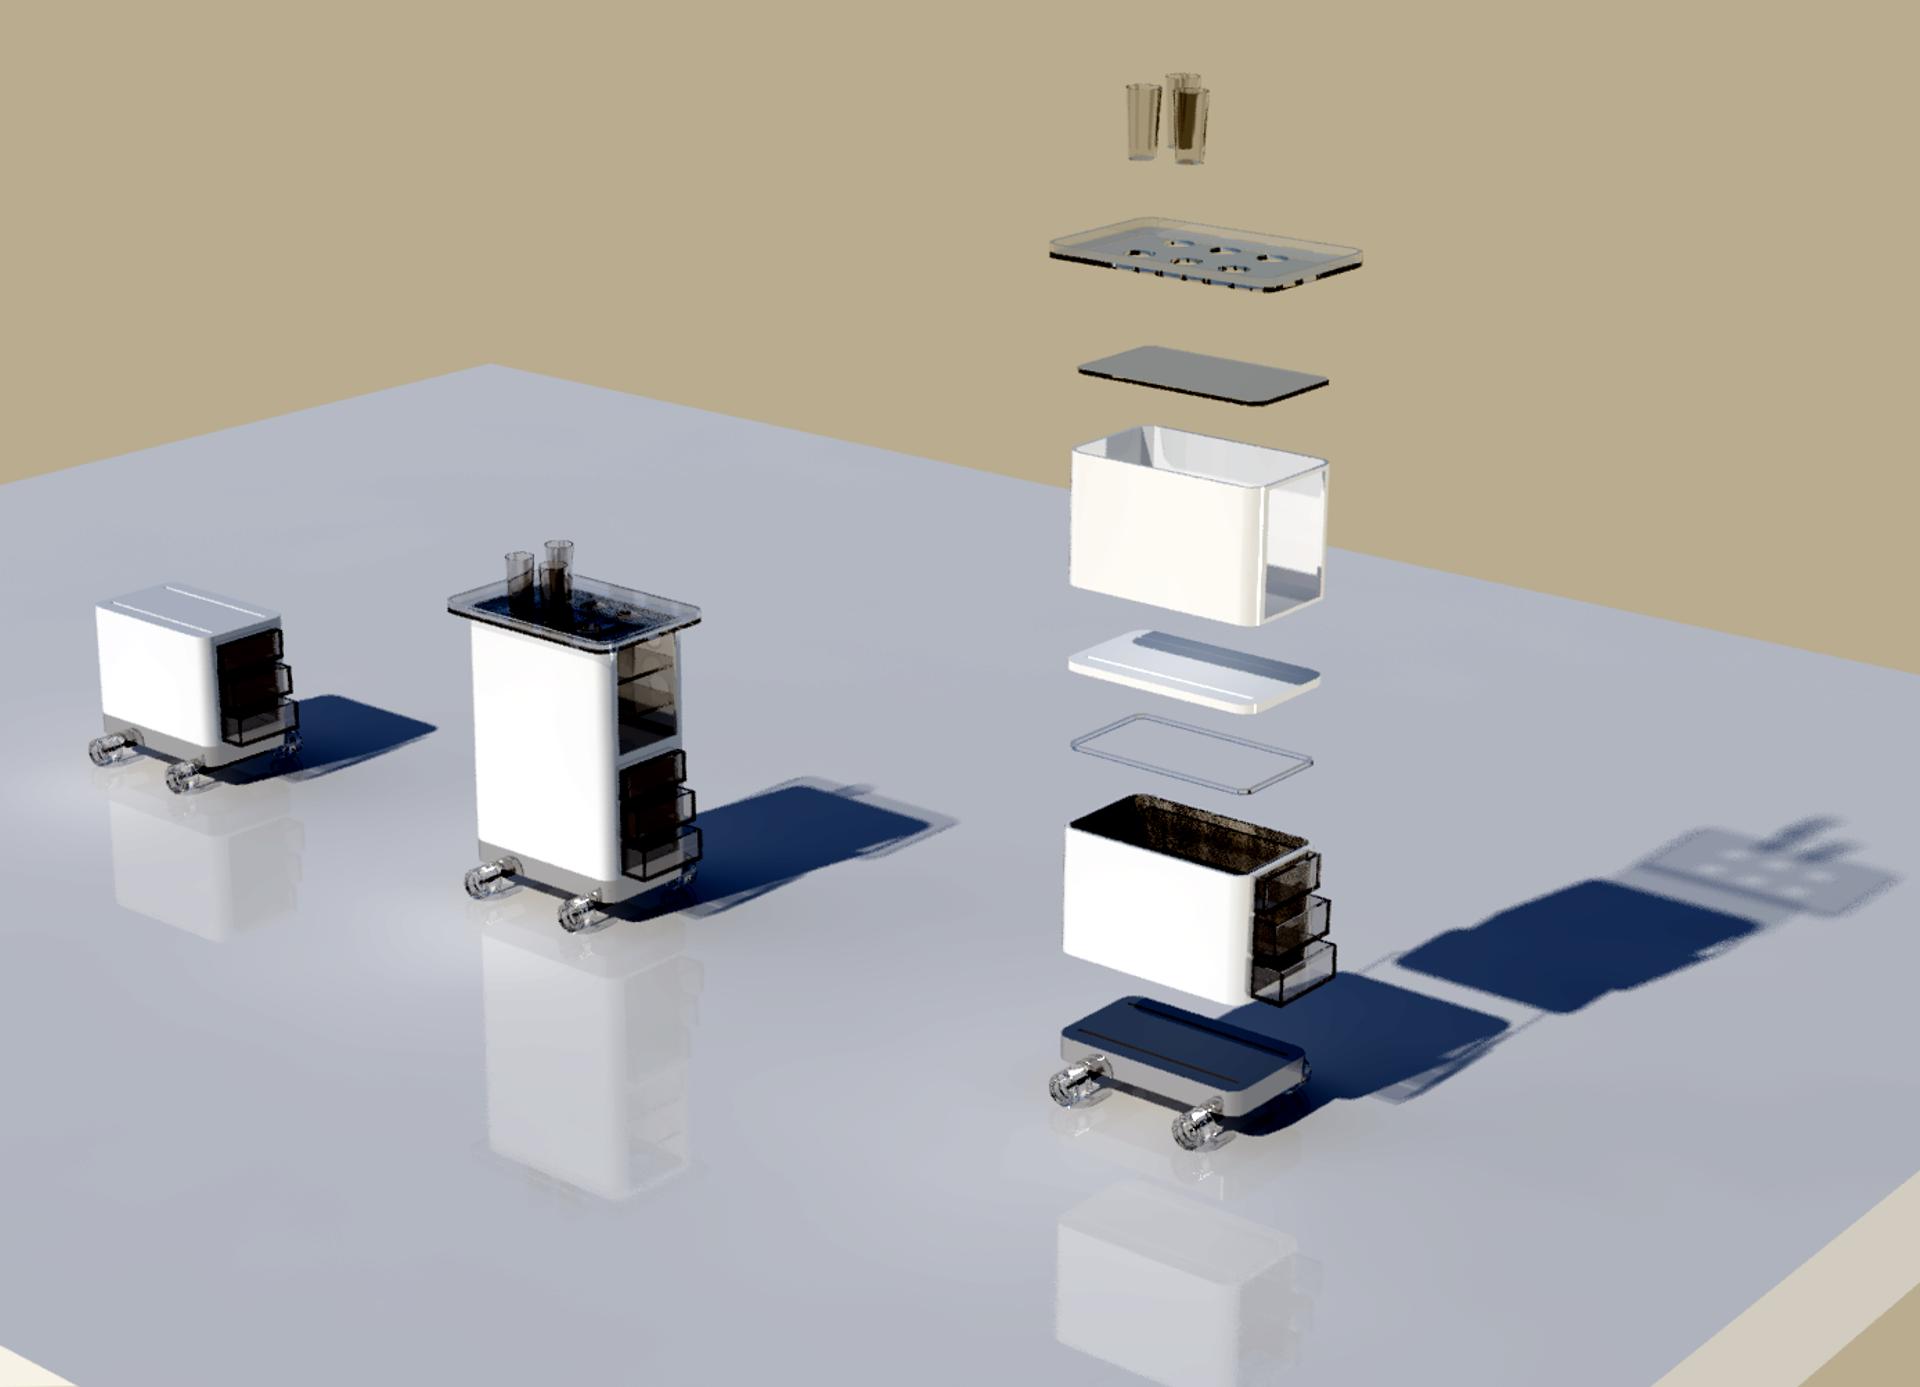 Büro für 3d CAD Konstruktion und Visualisierung (7)